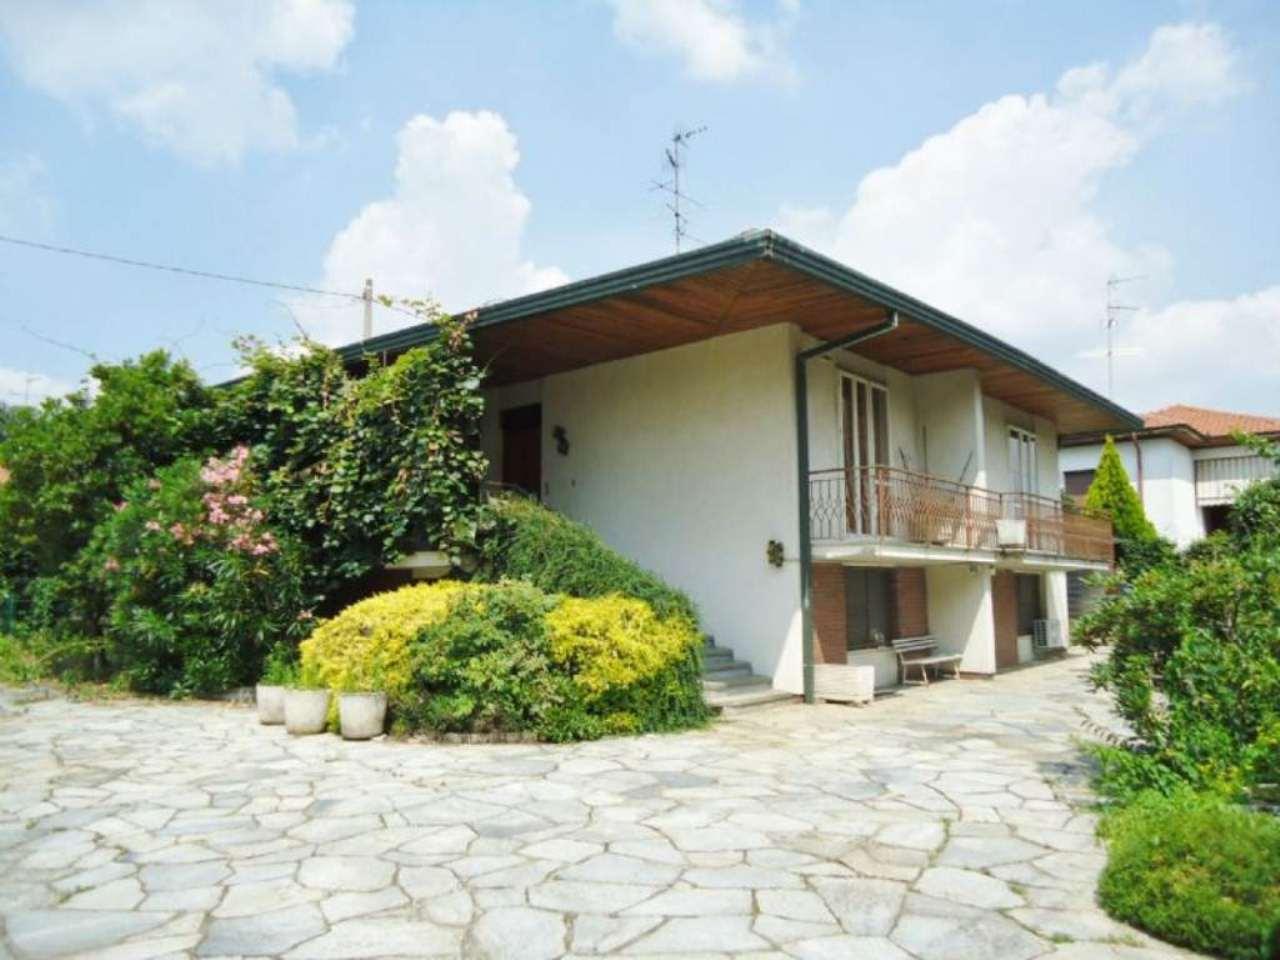 Villa in vendita a Cardano al Campo, 5 locali, prezzo € 250.000 | Cambio Casa.it